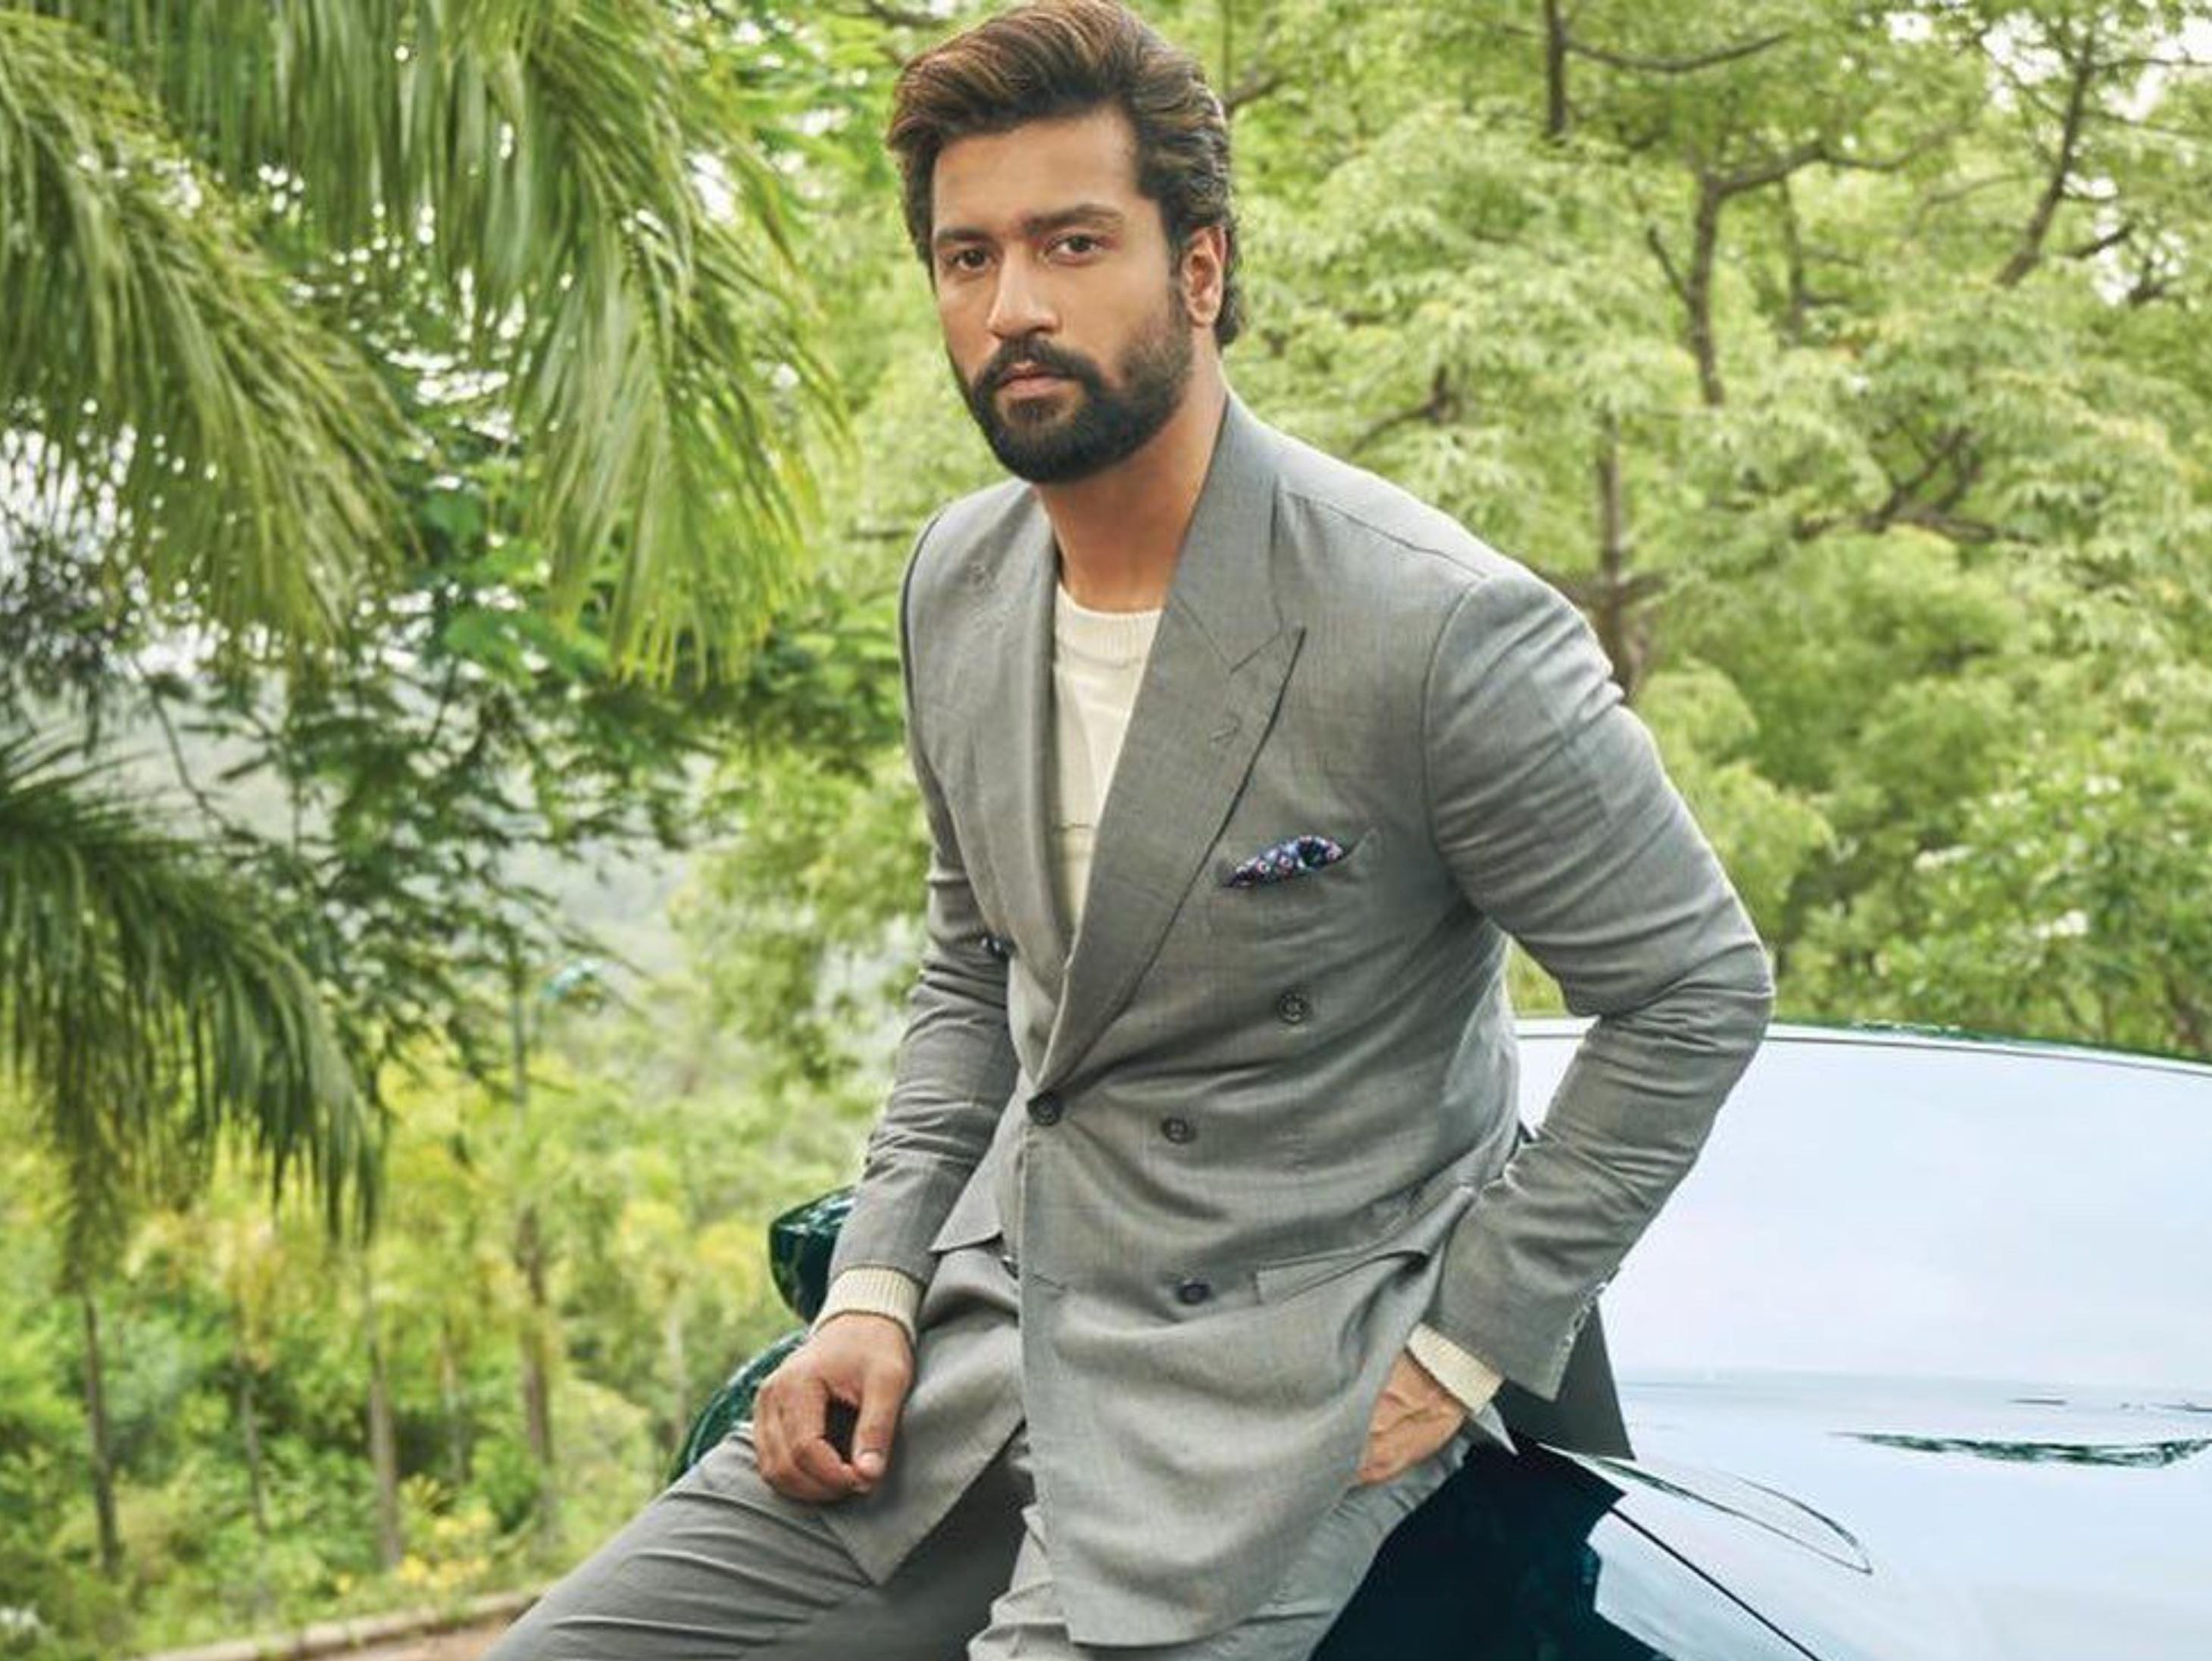 अजय देवगन के बाद विक्की कौशल इंडिया की 5वीं सेलेब्रिटी जो एडवेंचर शो की शूटिंग करेंगे, गुरुवार को रवाना होंगे मालदीव बॉलीवुड,Bollywood - Dainik Bhaskar